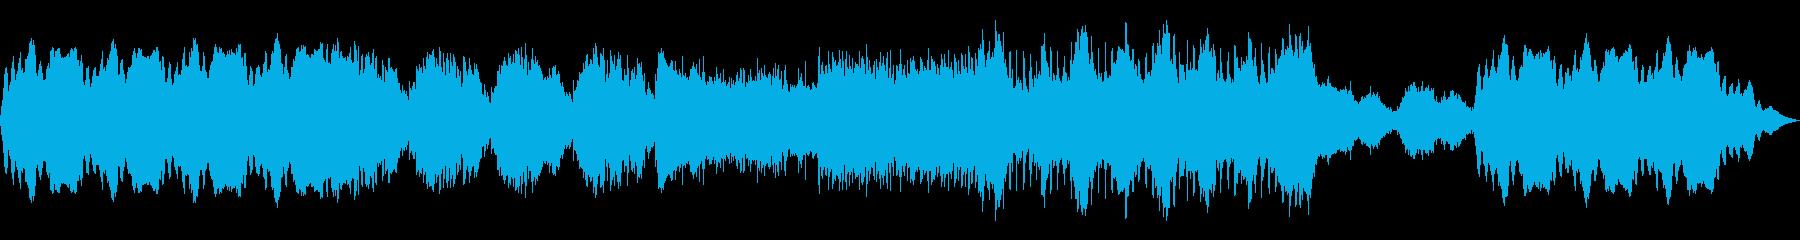 物語の始まりを想起させるBGMの再生済みの波形